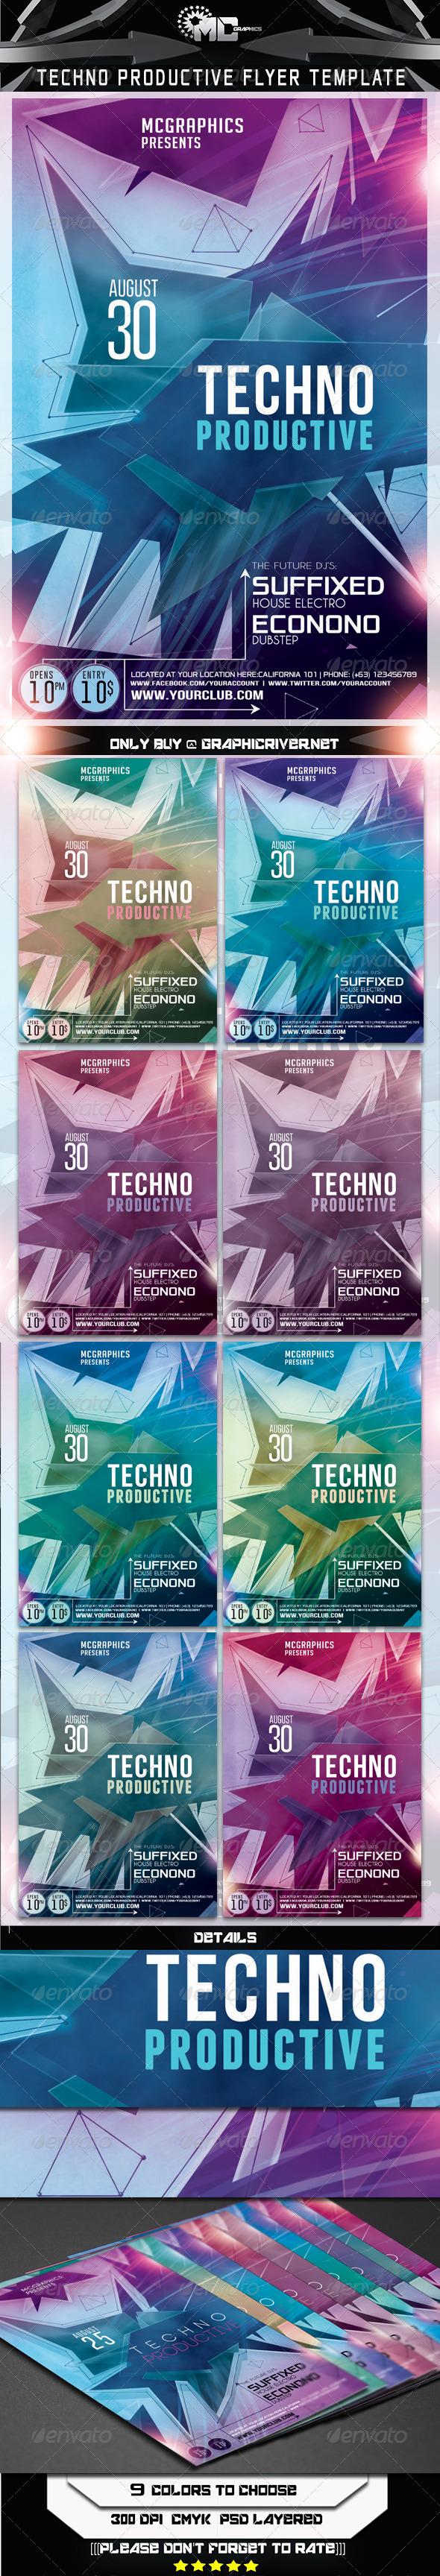 GraphicRiver Techno Productive Flyer Template 6984692